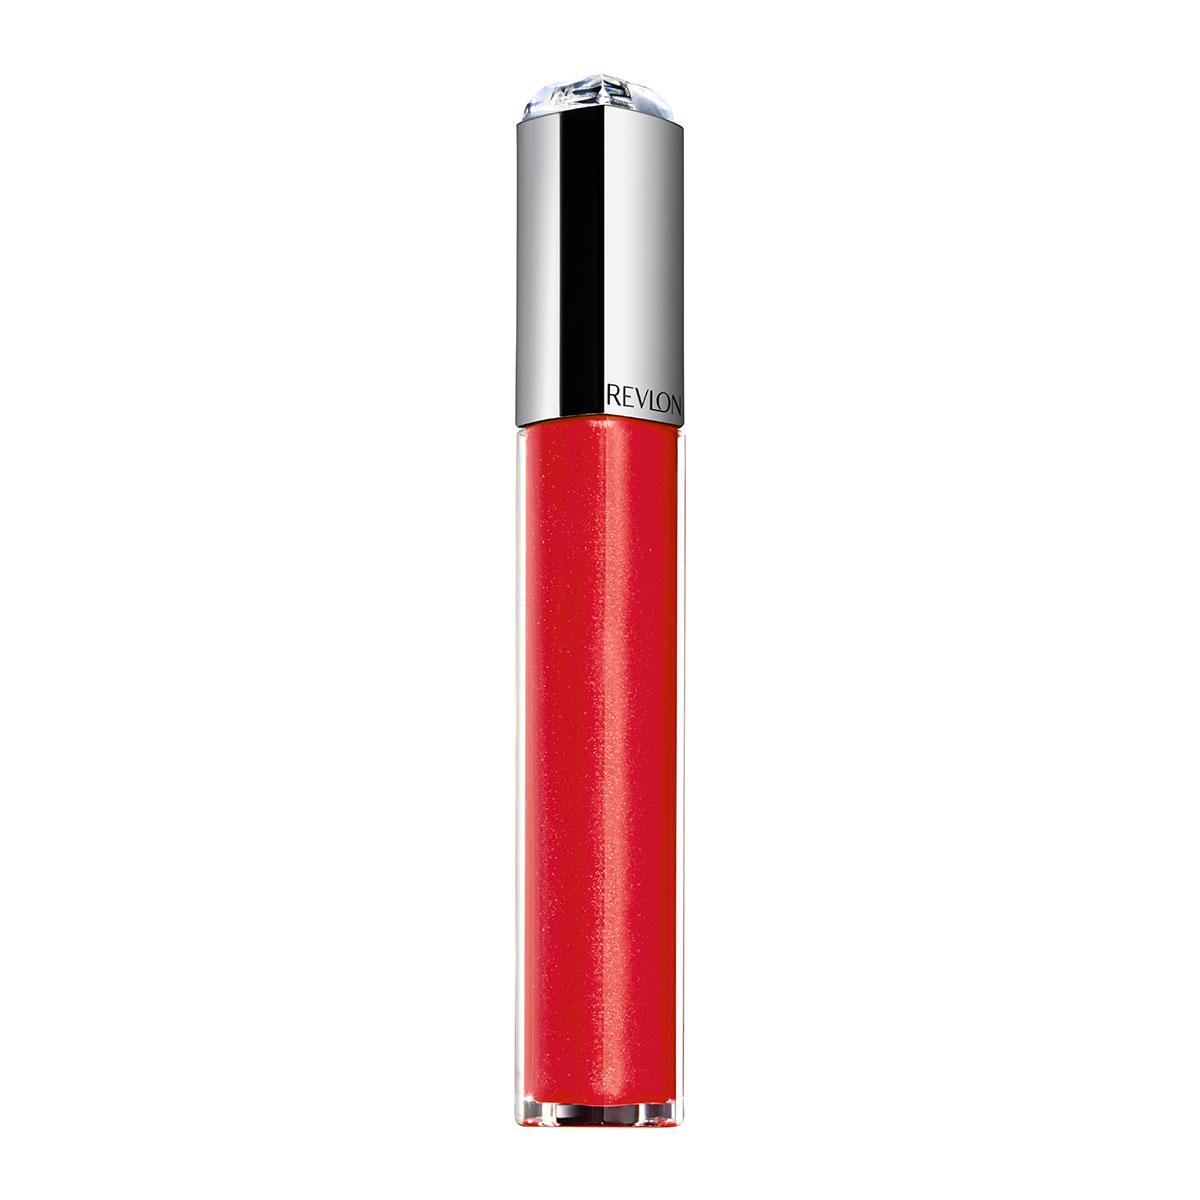 Revlon Помада-блеск для Губ Ultra Hd Lip Lacquer Strawberry topaz 535 5,9 мл7210464050Придайте своим губам сияние с Revlon Ultra HD Lip Lacquer. Инновационная лаковая формула дарит вашим губам глубокий, насыщенный цвет без утяжеления. Блеск-лак для губ с тонкой текстурой, не насыщенной восками. Легкая формула обогощена маслами кокоса и манго. Супер-пигментирован! Плотность покрытия тонкое без ощущения липкости. Насыщенная яркая палитра для создания разных образов: от естественного дневного до вечернего макияжей. Устойчивый результат. Насыщенный, сияющий цвет визуально увеличивающий объем.